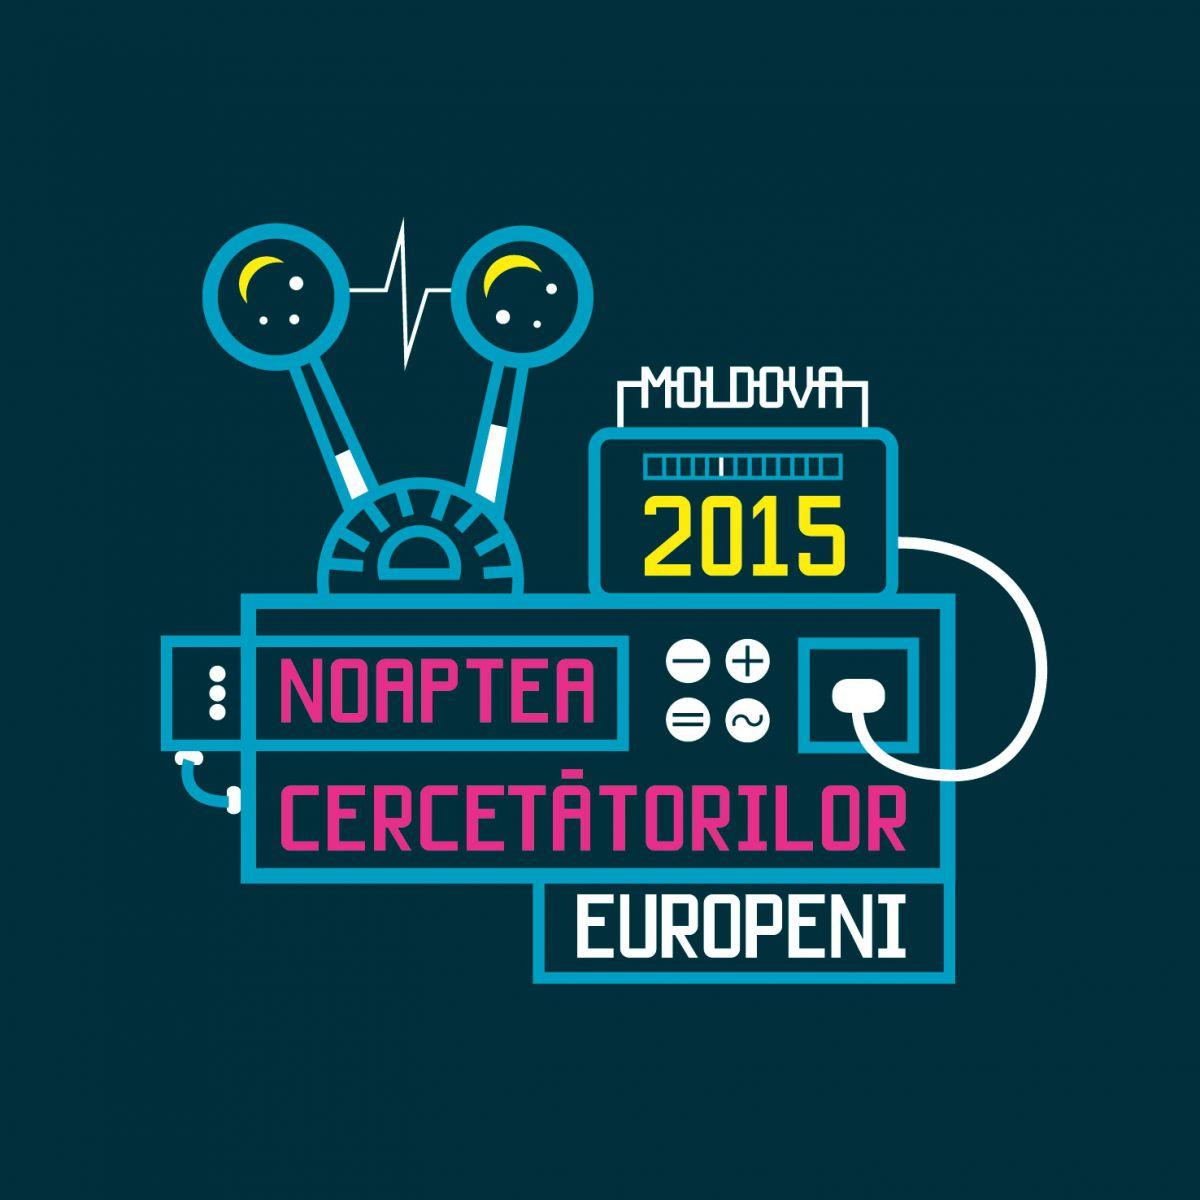 Noaptea Cercetatorilor Europeni - 2015